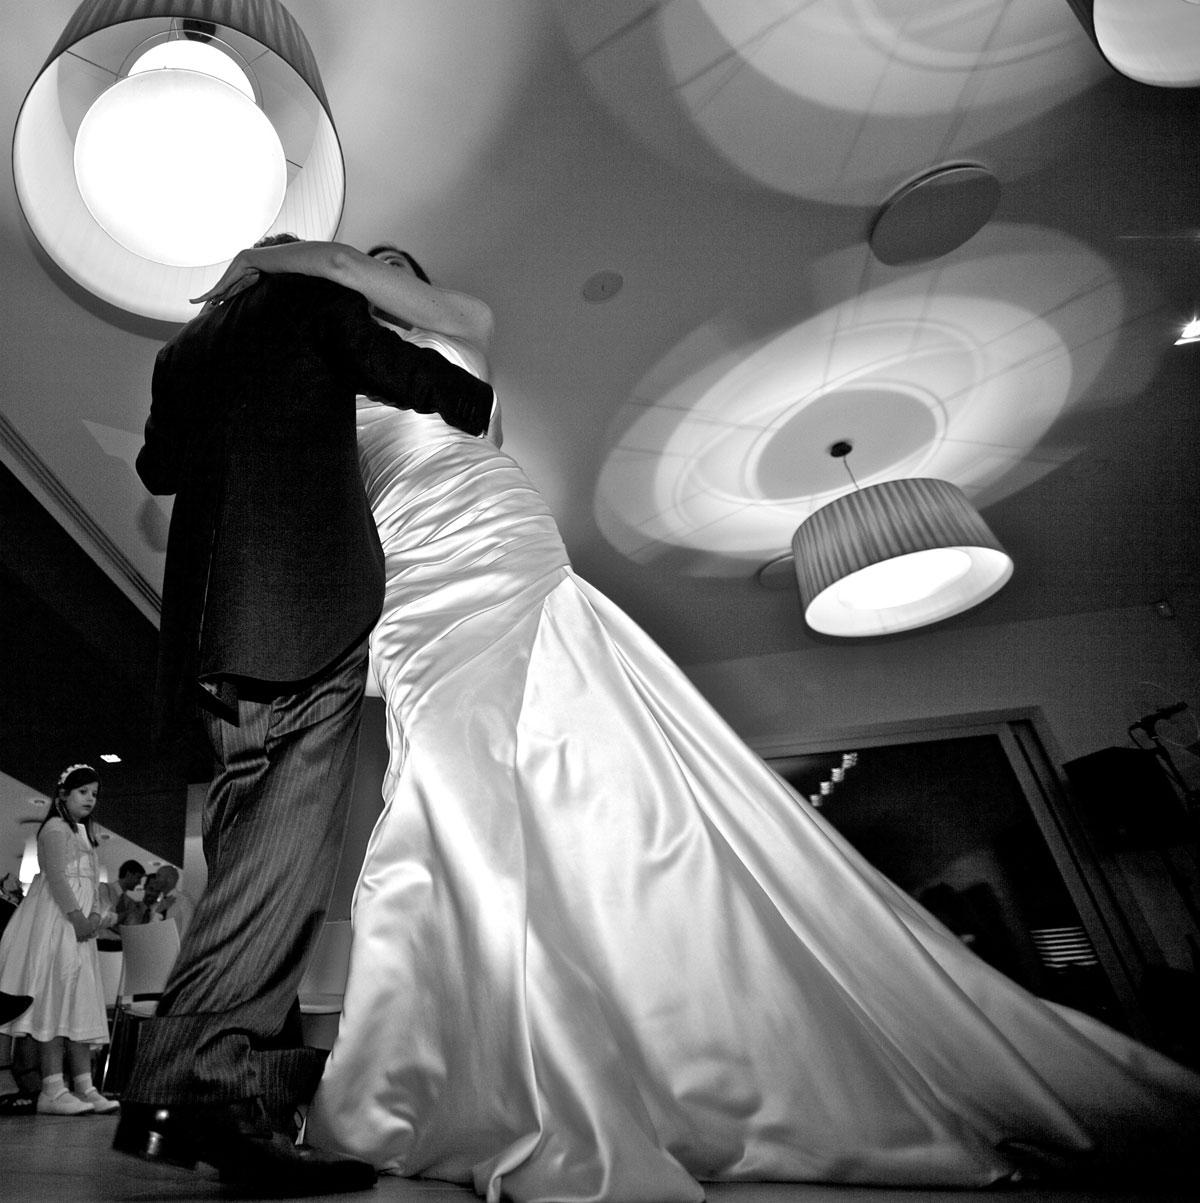 matrimoni-festa_034_SP